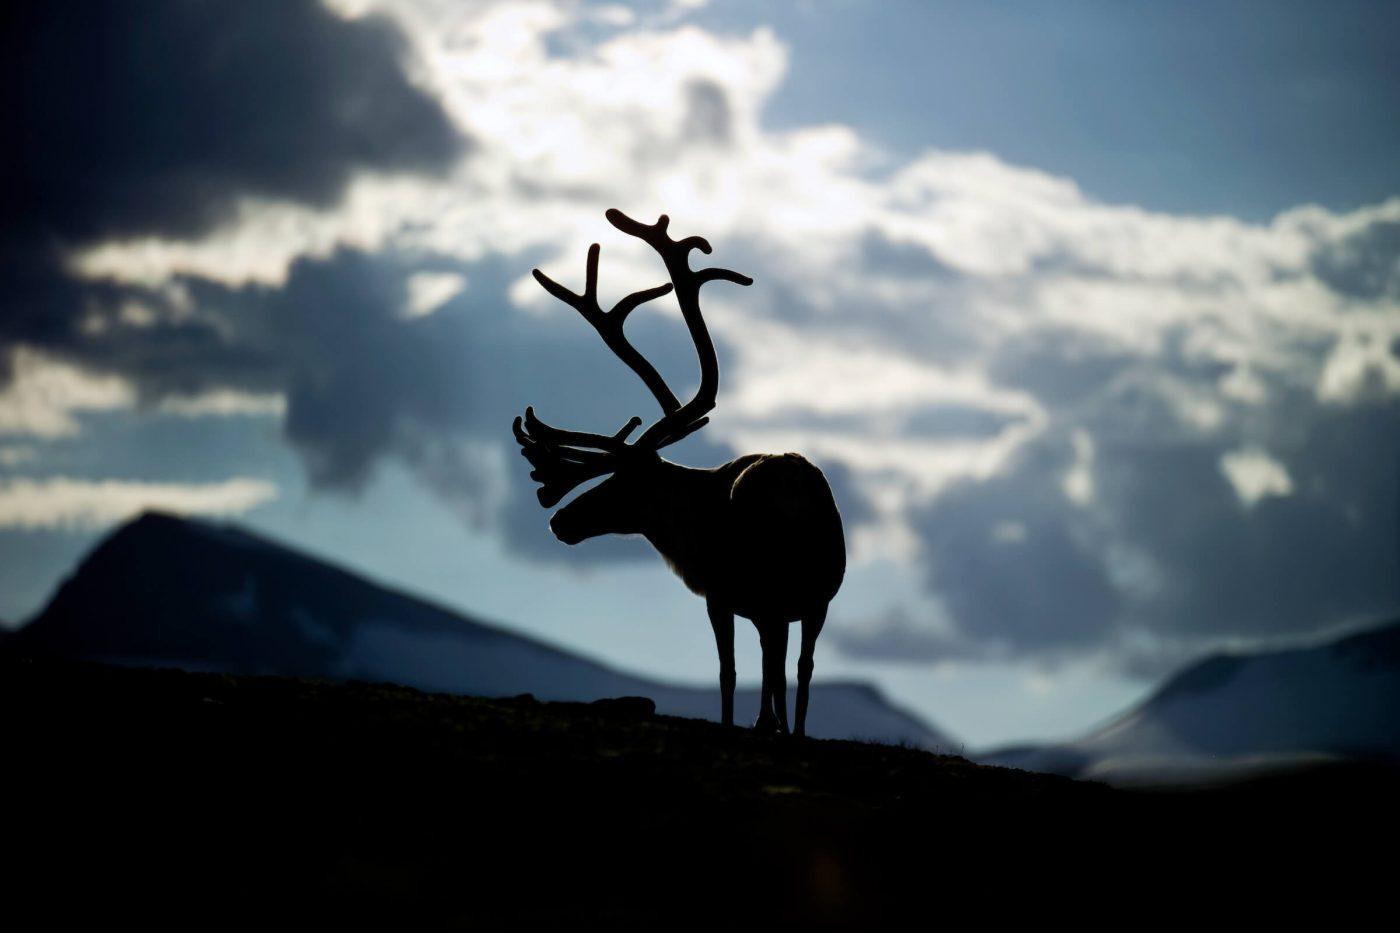 トナカイ の ツノ クリスマス の 時期 に 抜ける の は